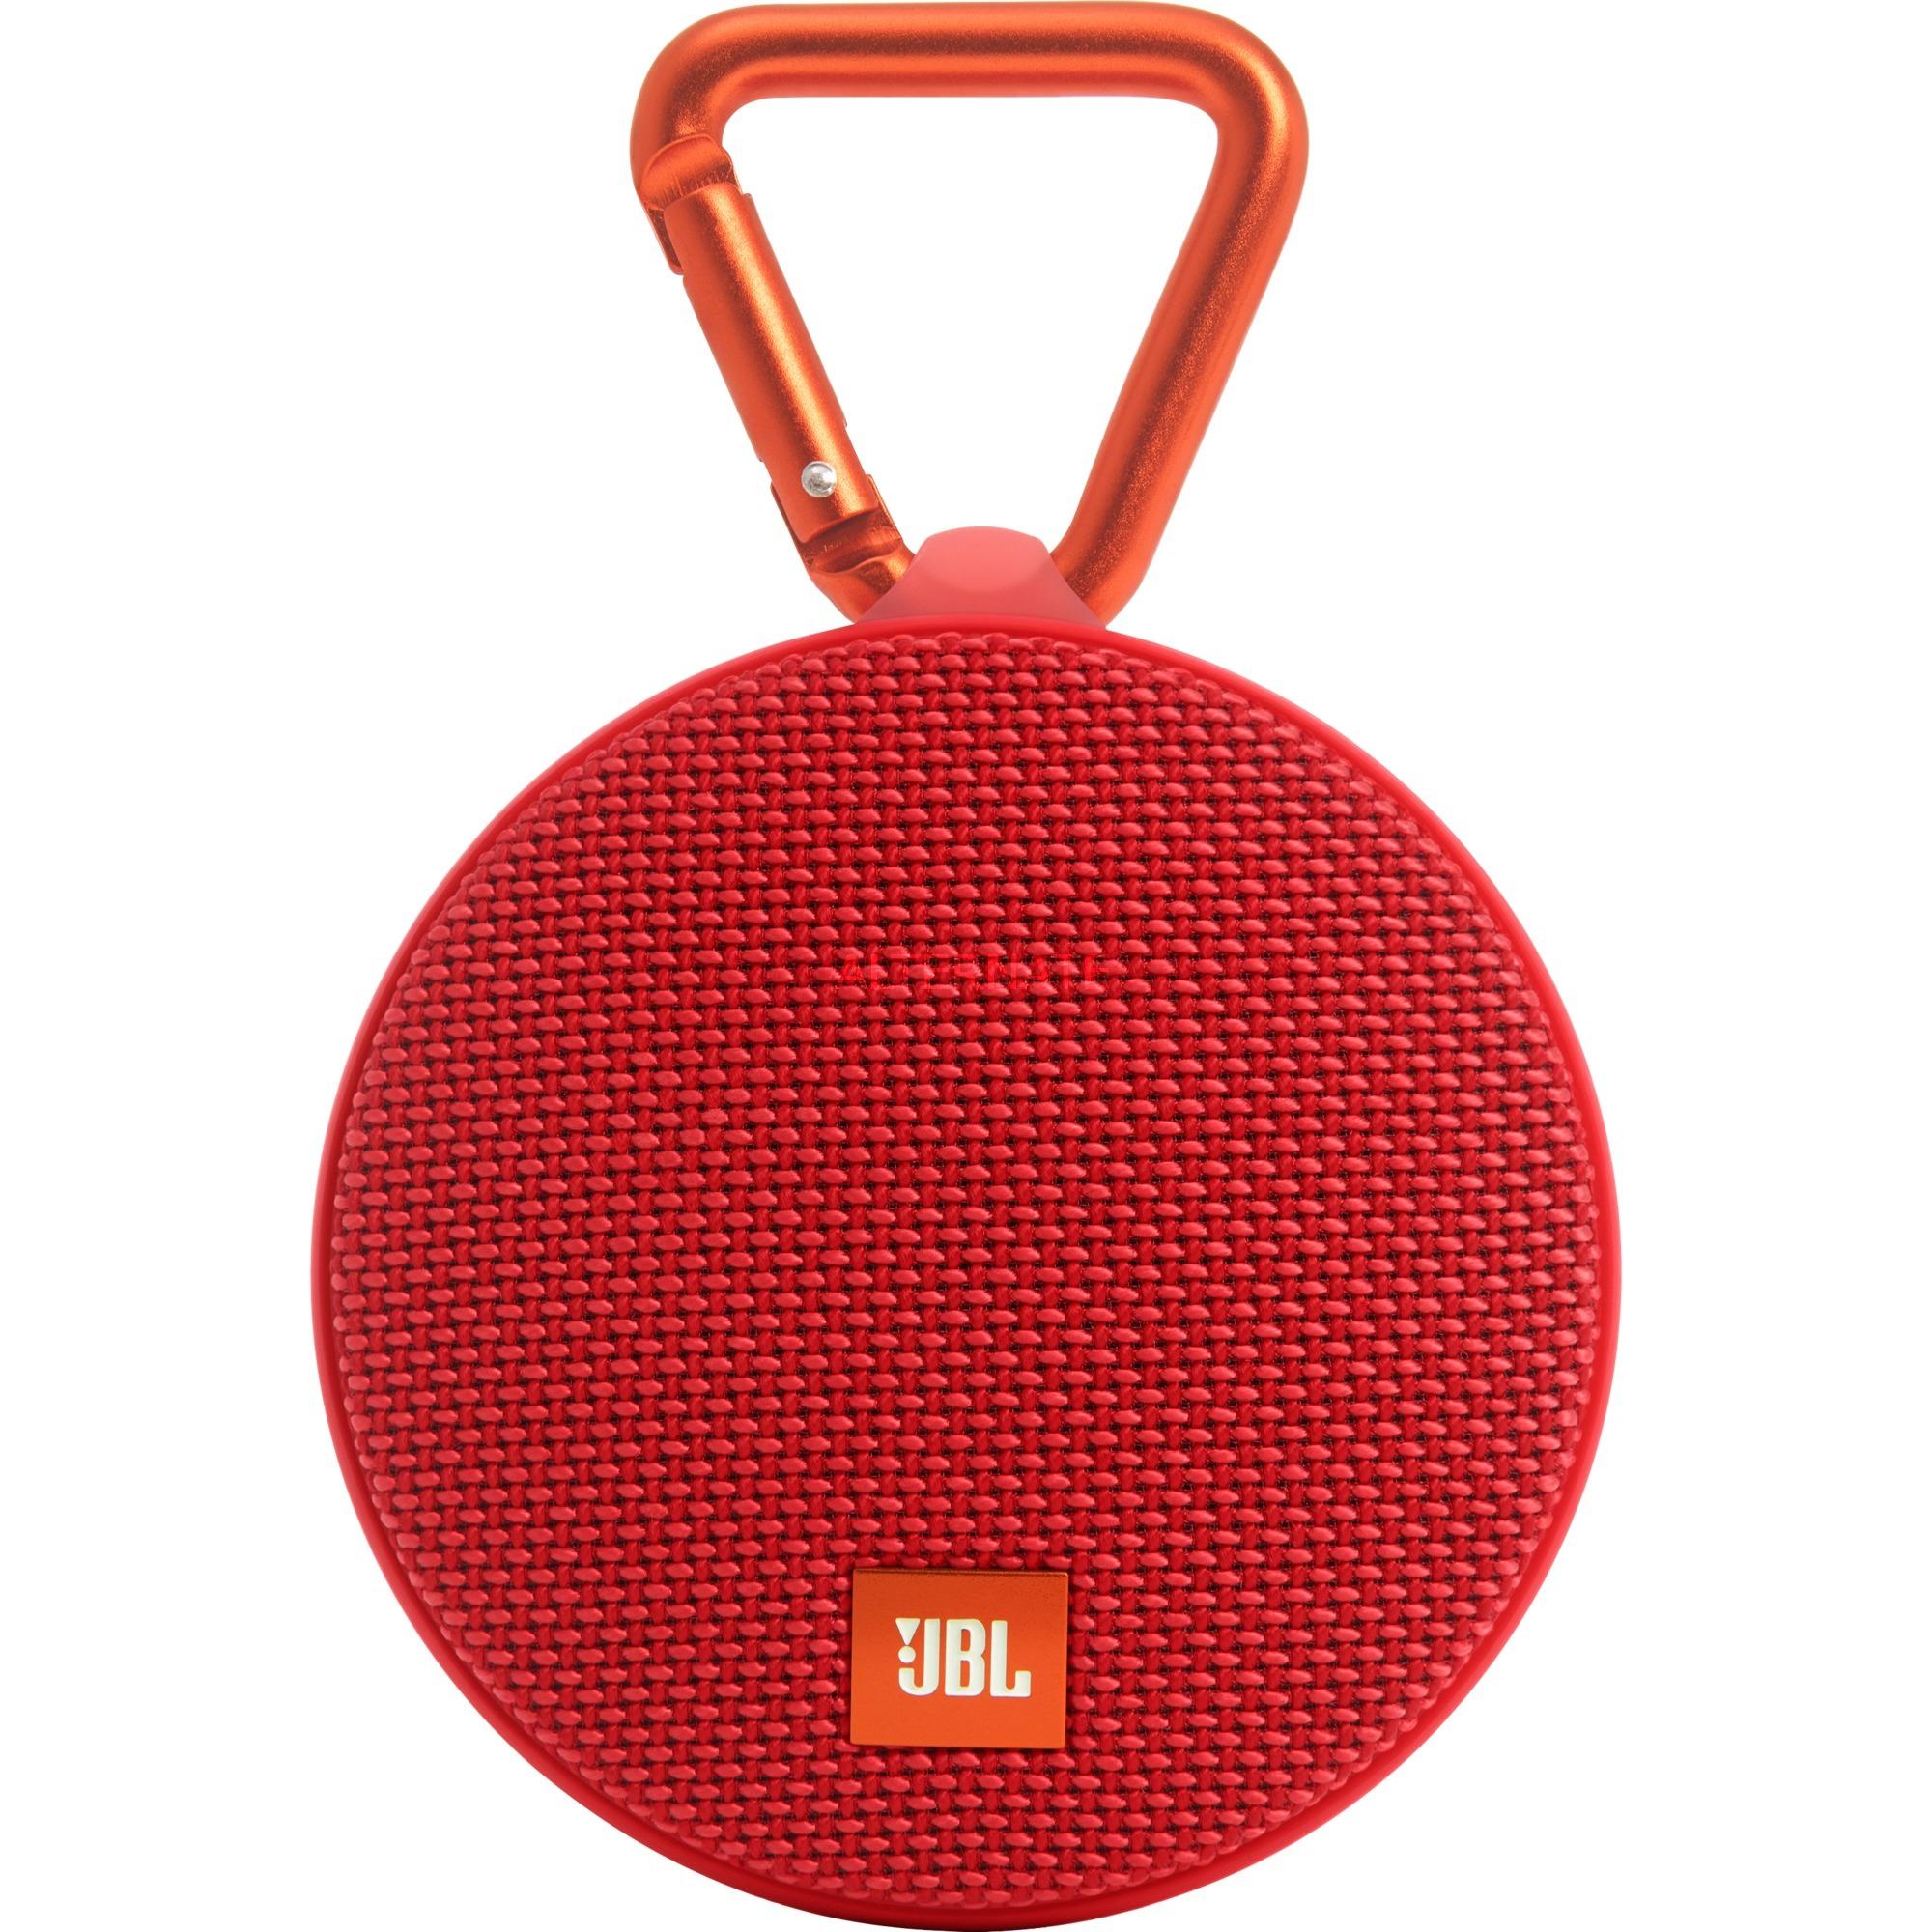 Clip 2 Mono portable speaker 3W Naranja, Rojo, Altavoz